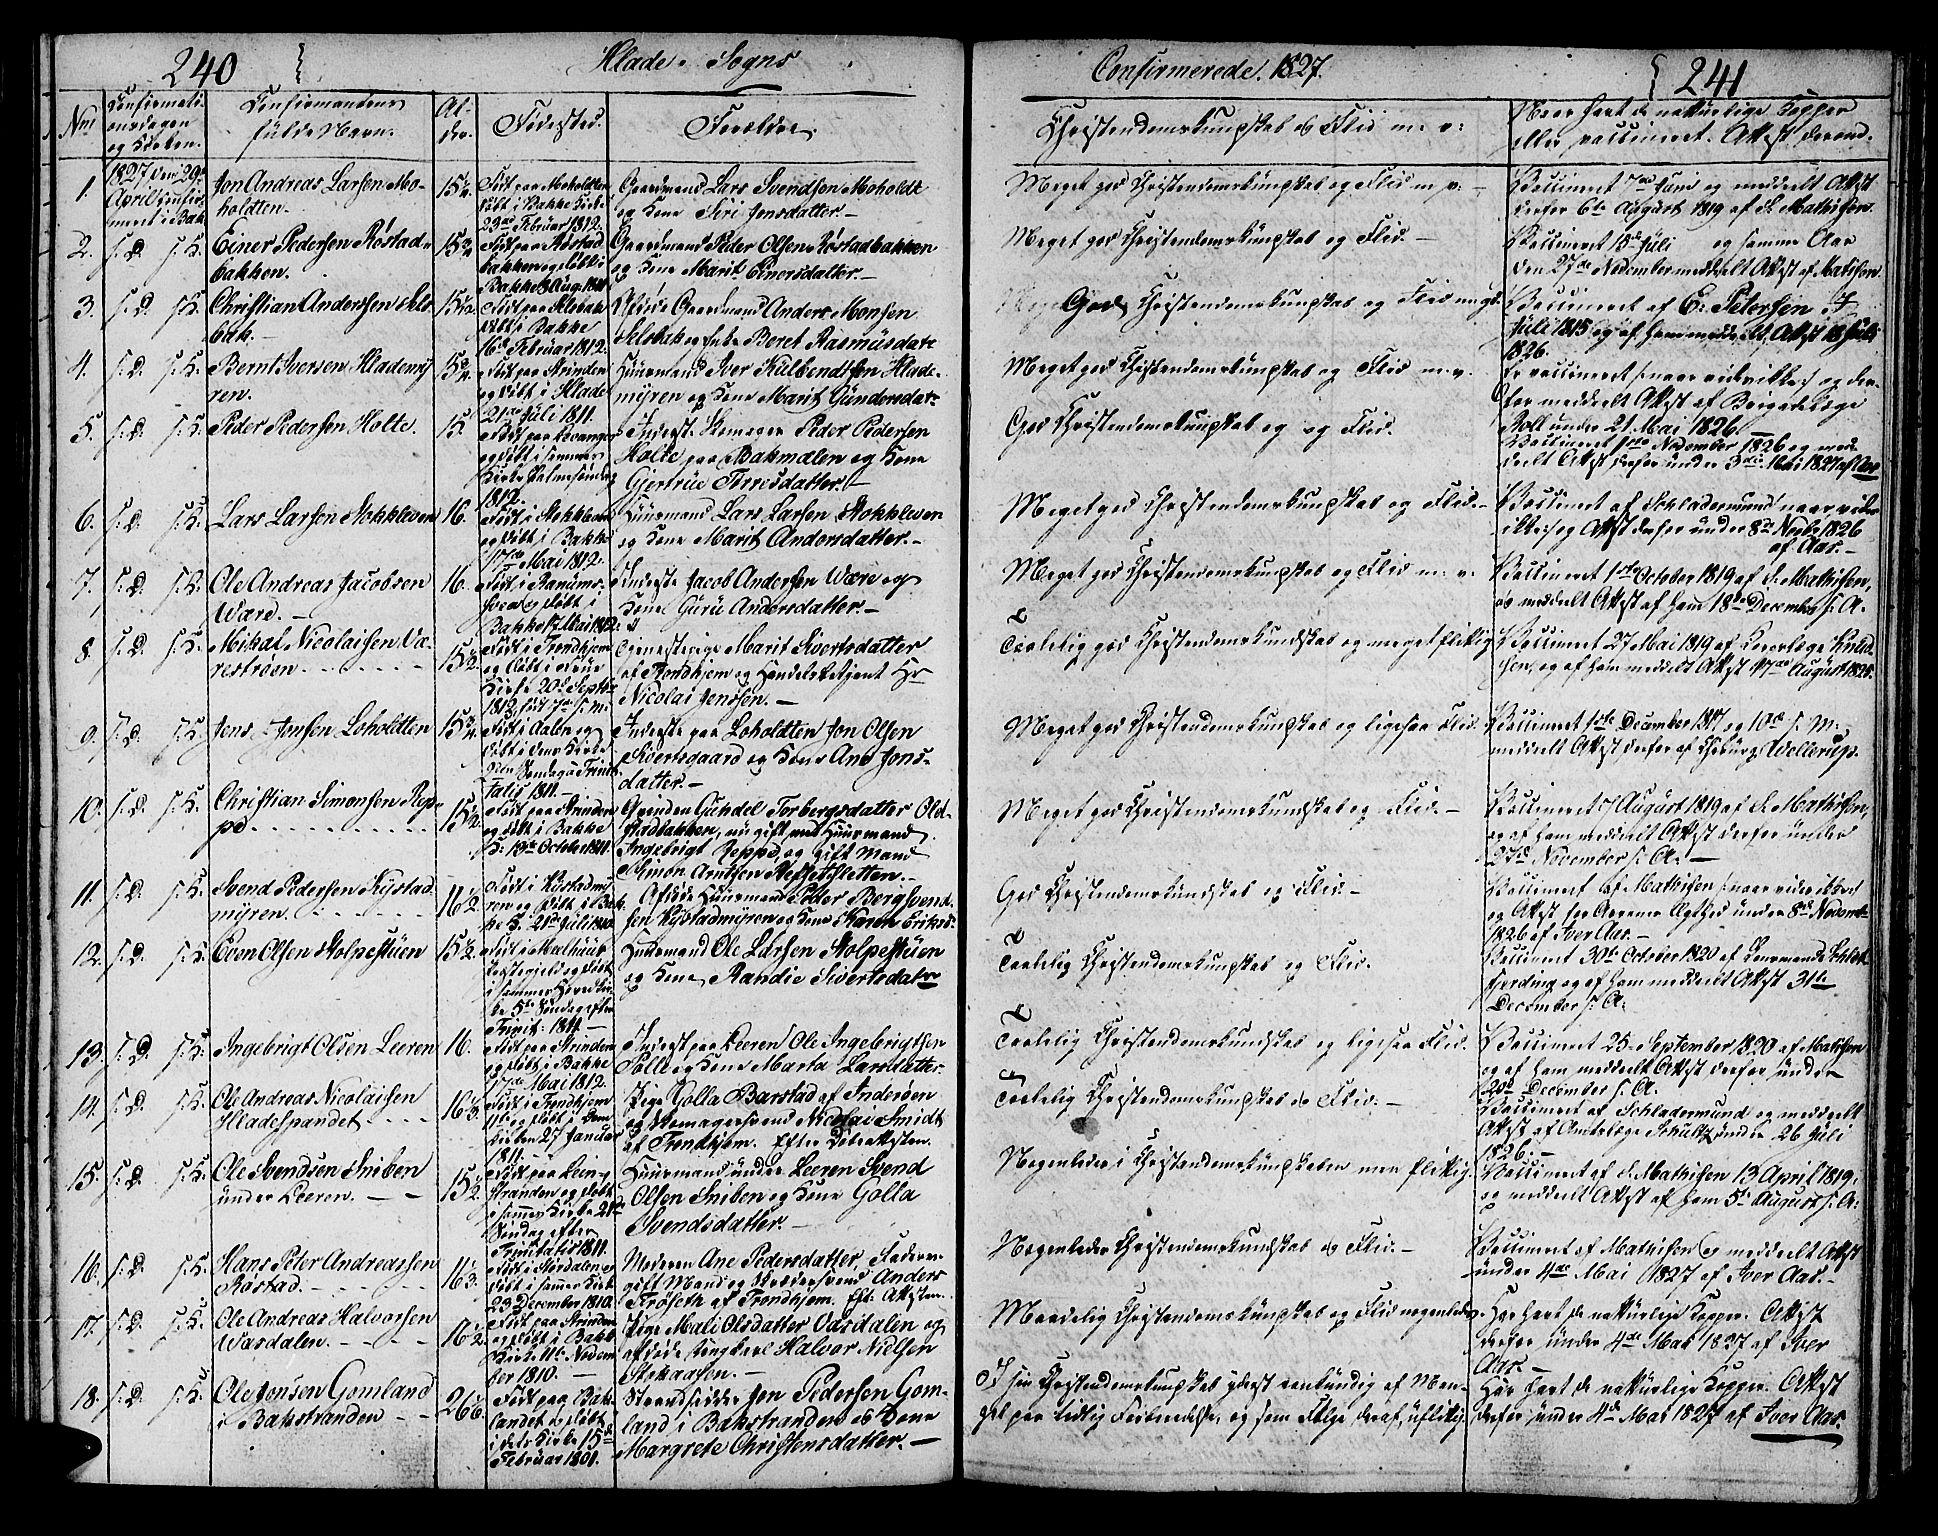 SAT, Ministerialprotokoller, klokkerbøker og fødselsregistre - Sør-Trøndelag, 606/L0306: Klokkerbok nr. 606C02, 1797-1829, s. 240-241